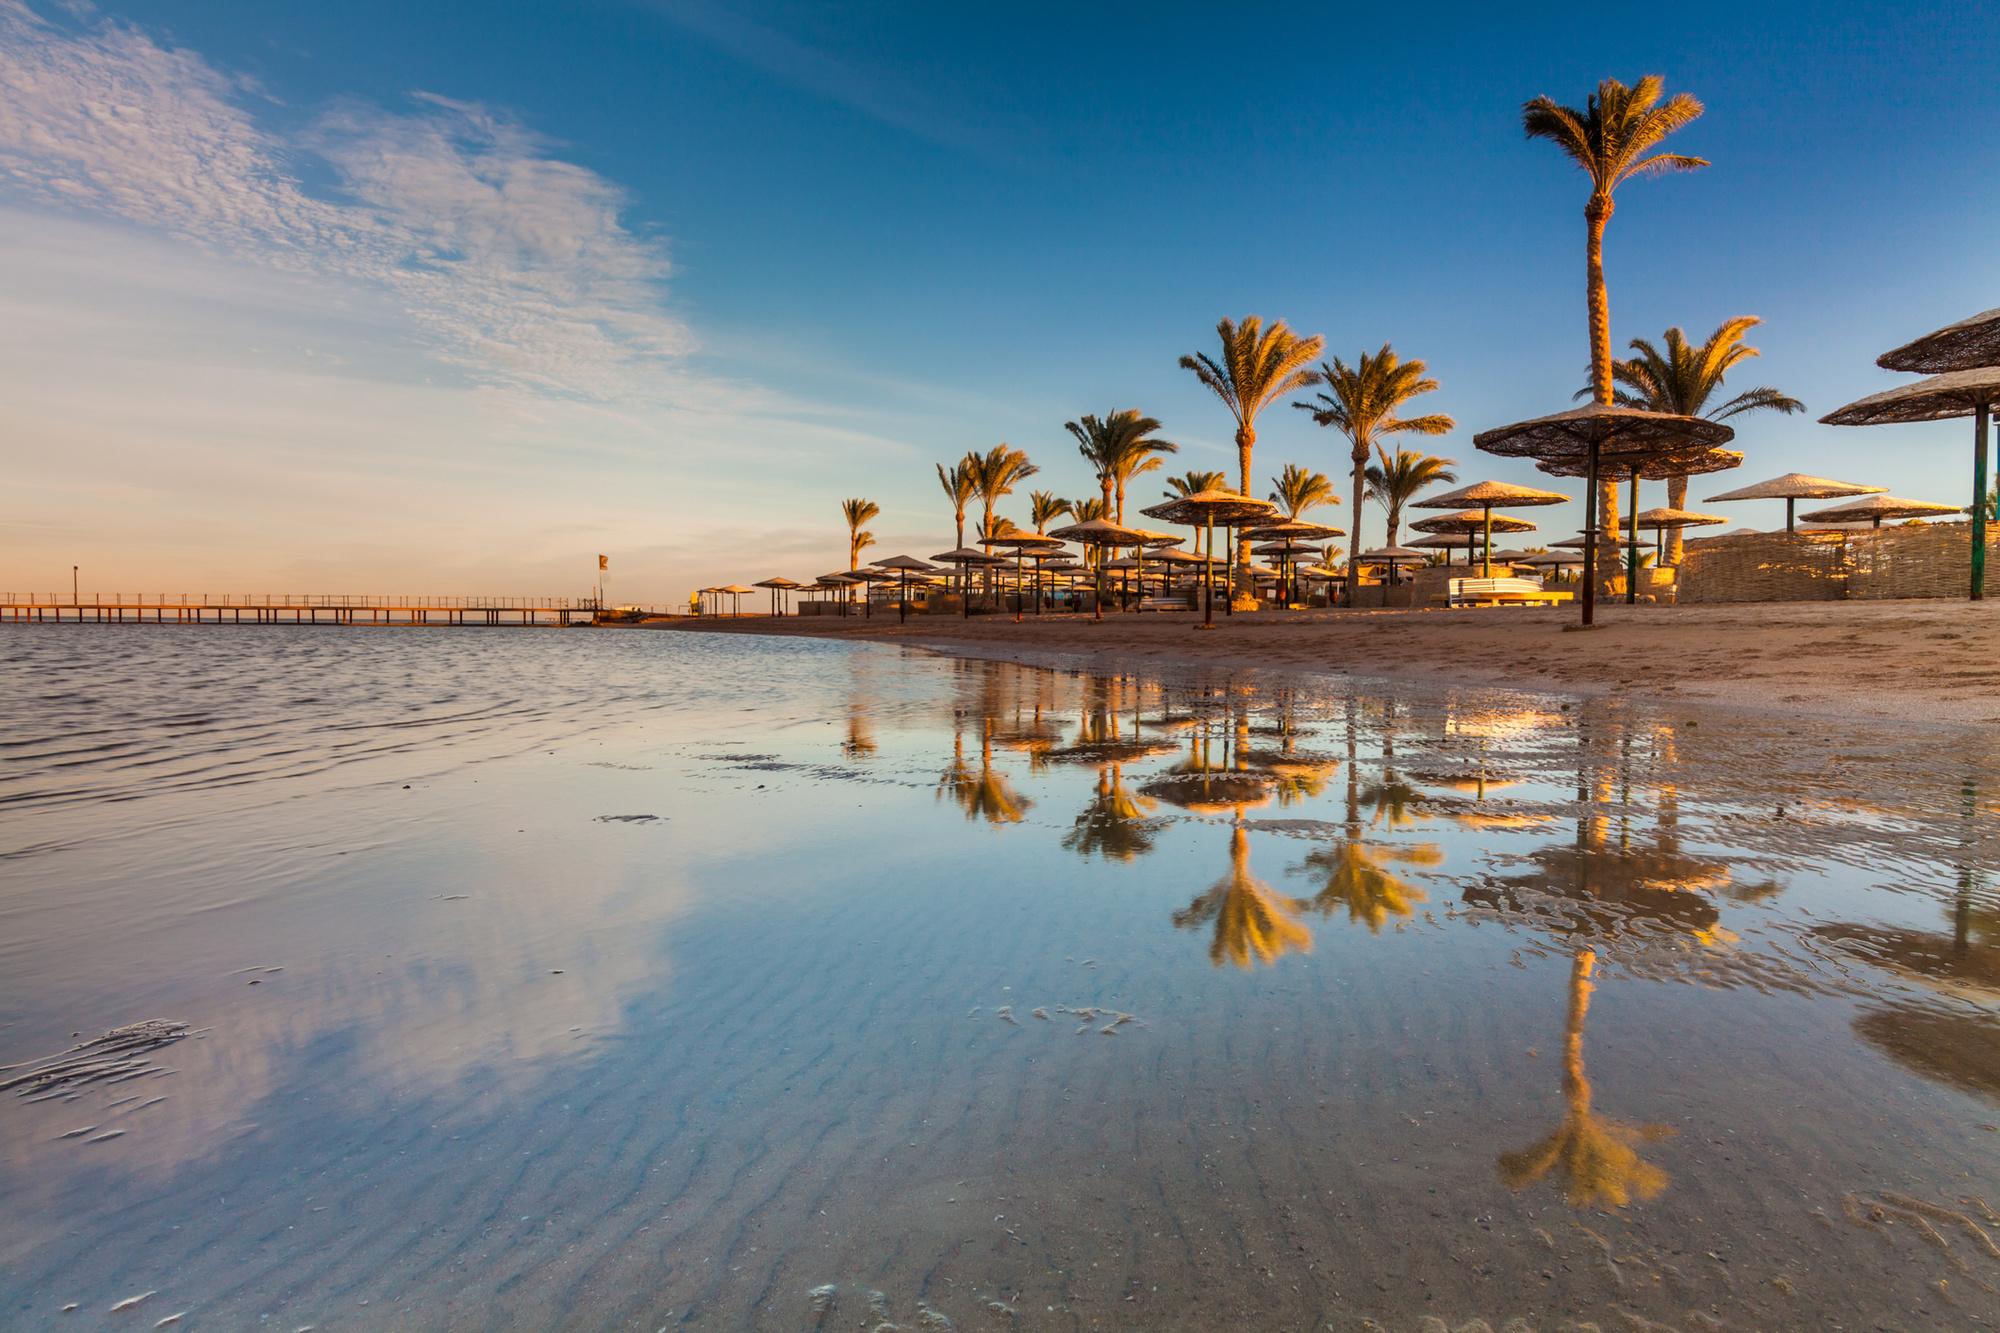 Een strandvakantie in Egypte, Getty